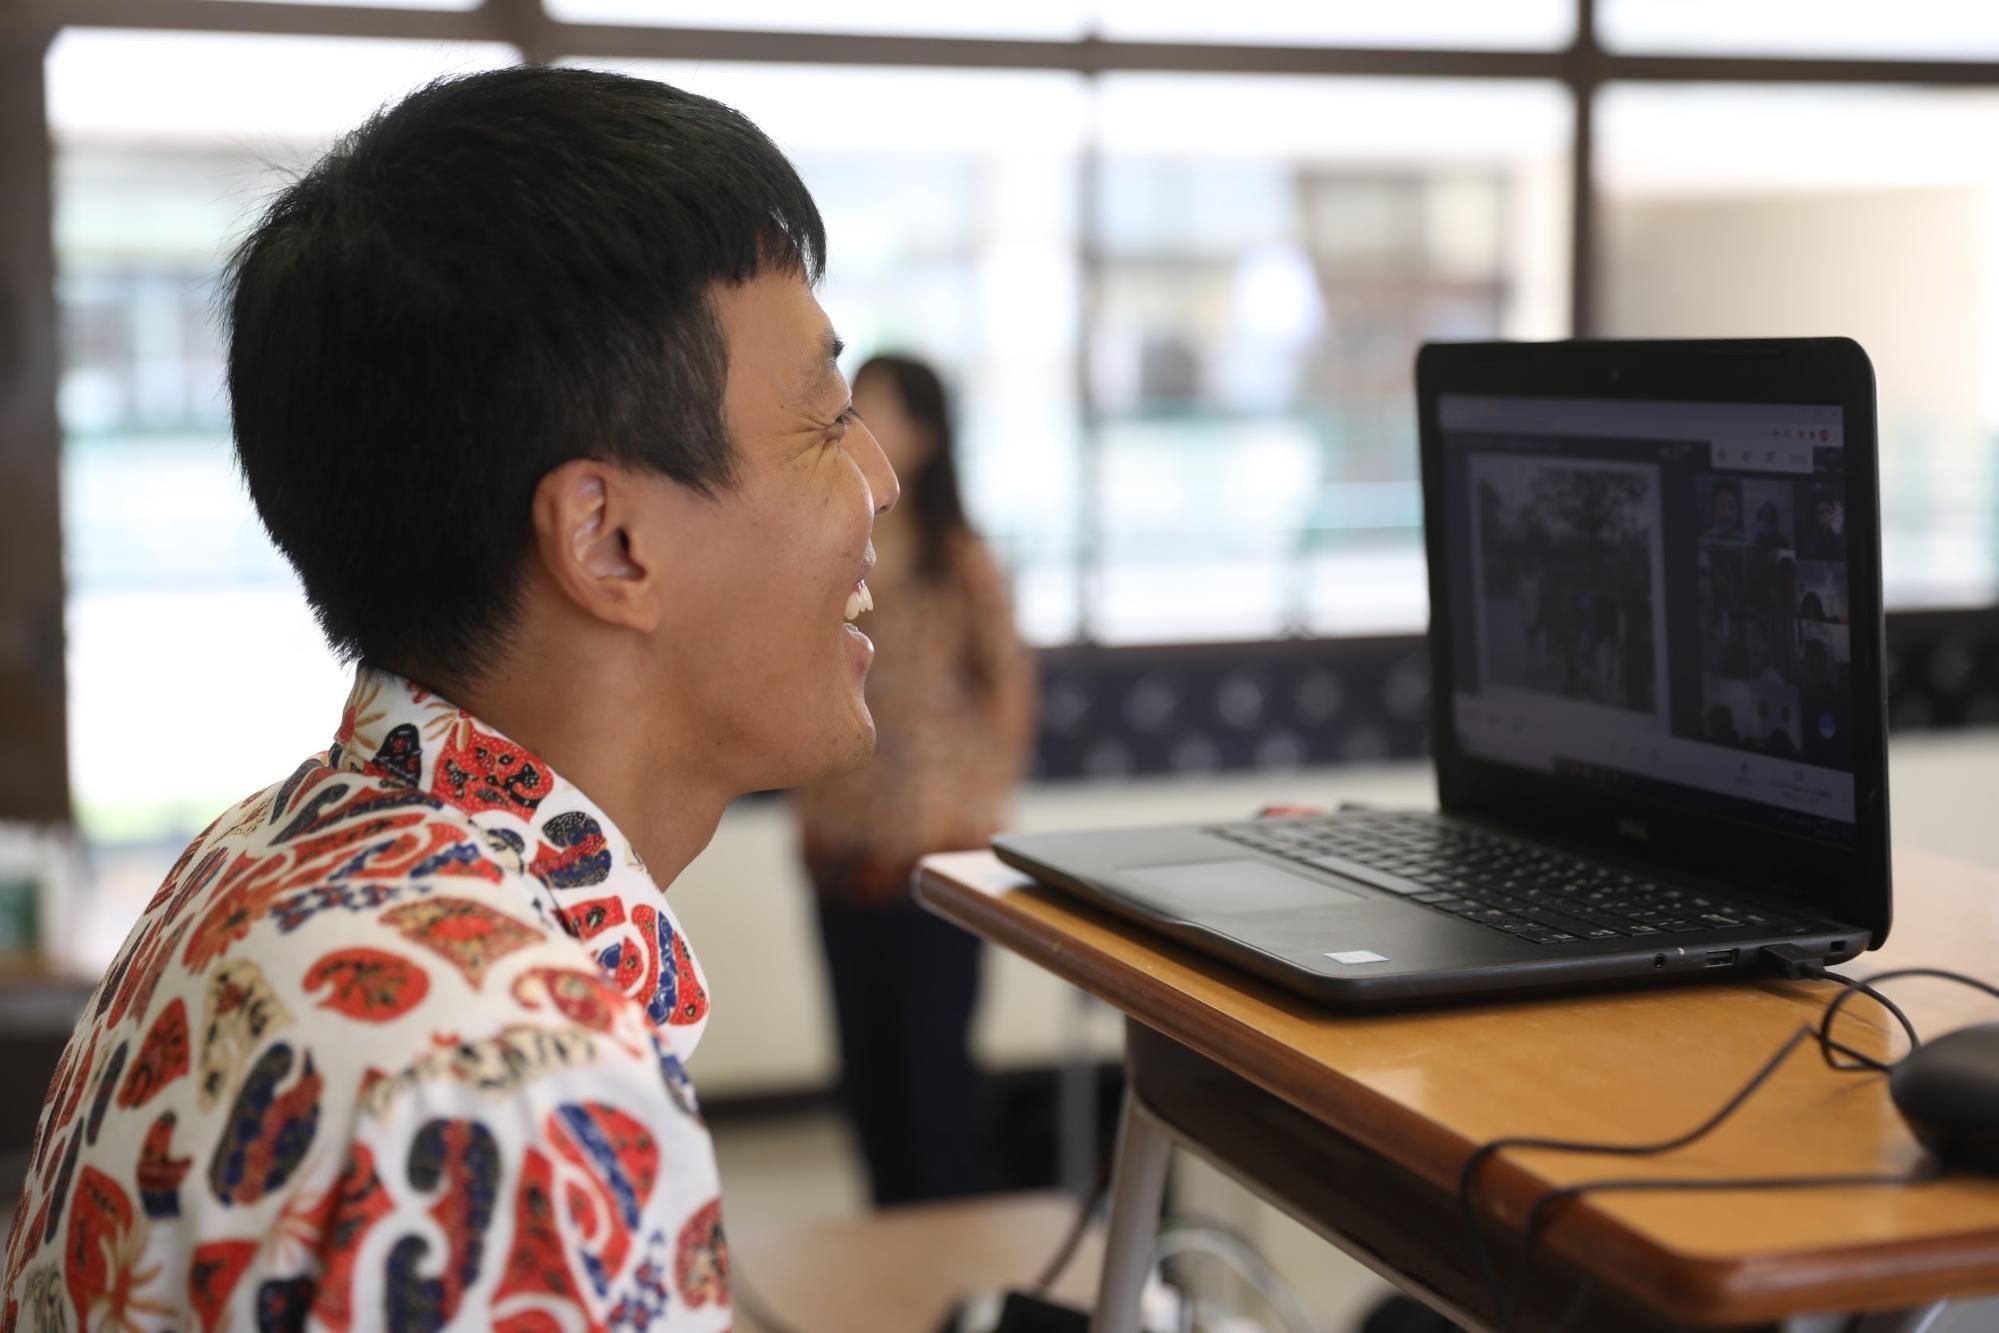 オンライン授業でパソコンに向かって話す北岡良仁教諭=2021年3月、南タンゲラン市、野上英文